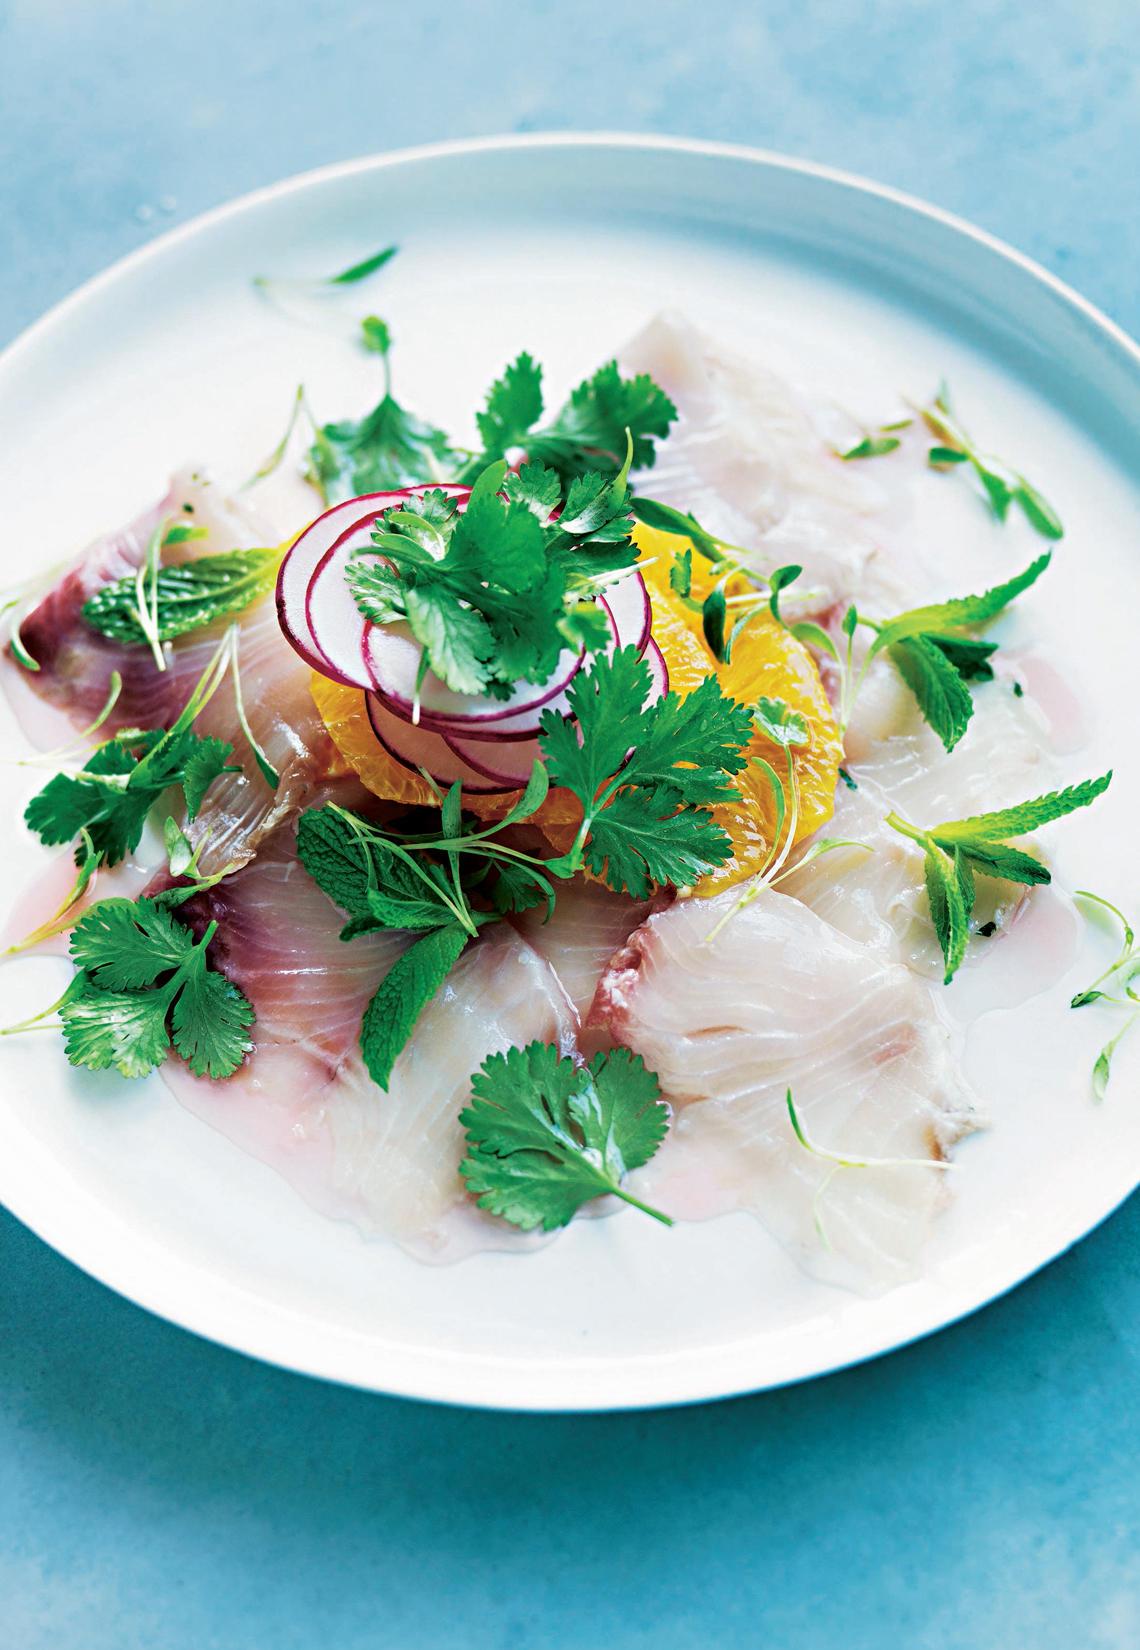 Gebeizte Zitrus-Minz-Makrele mit eingelegten Radieschen